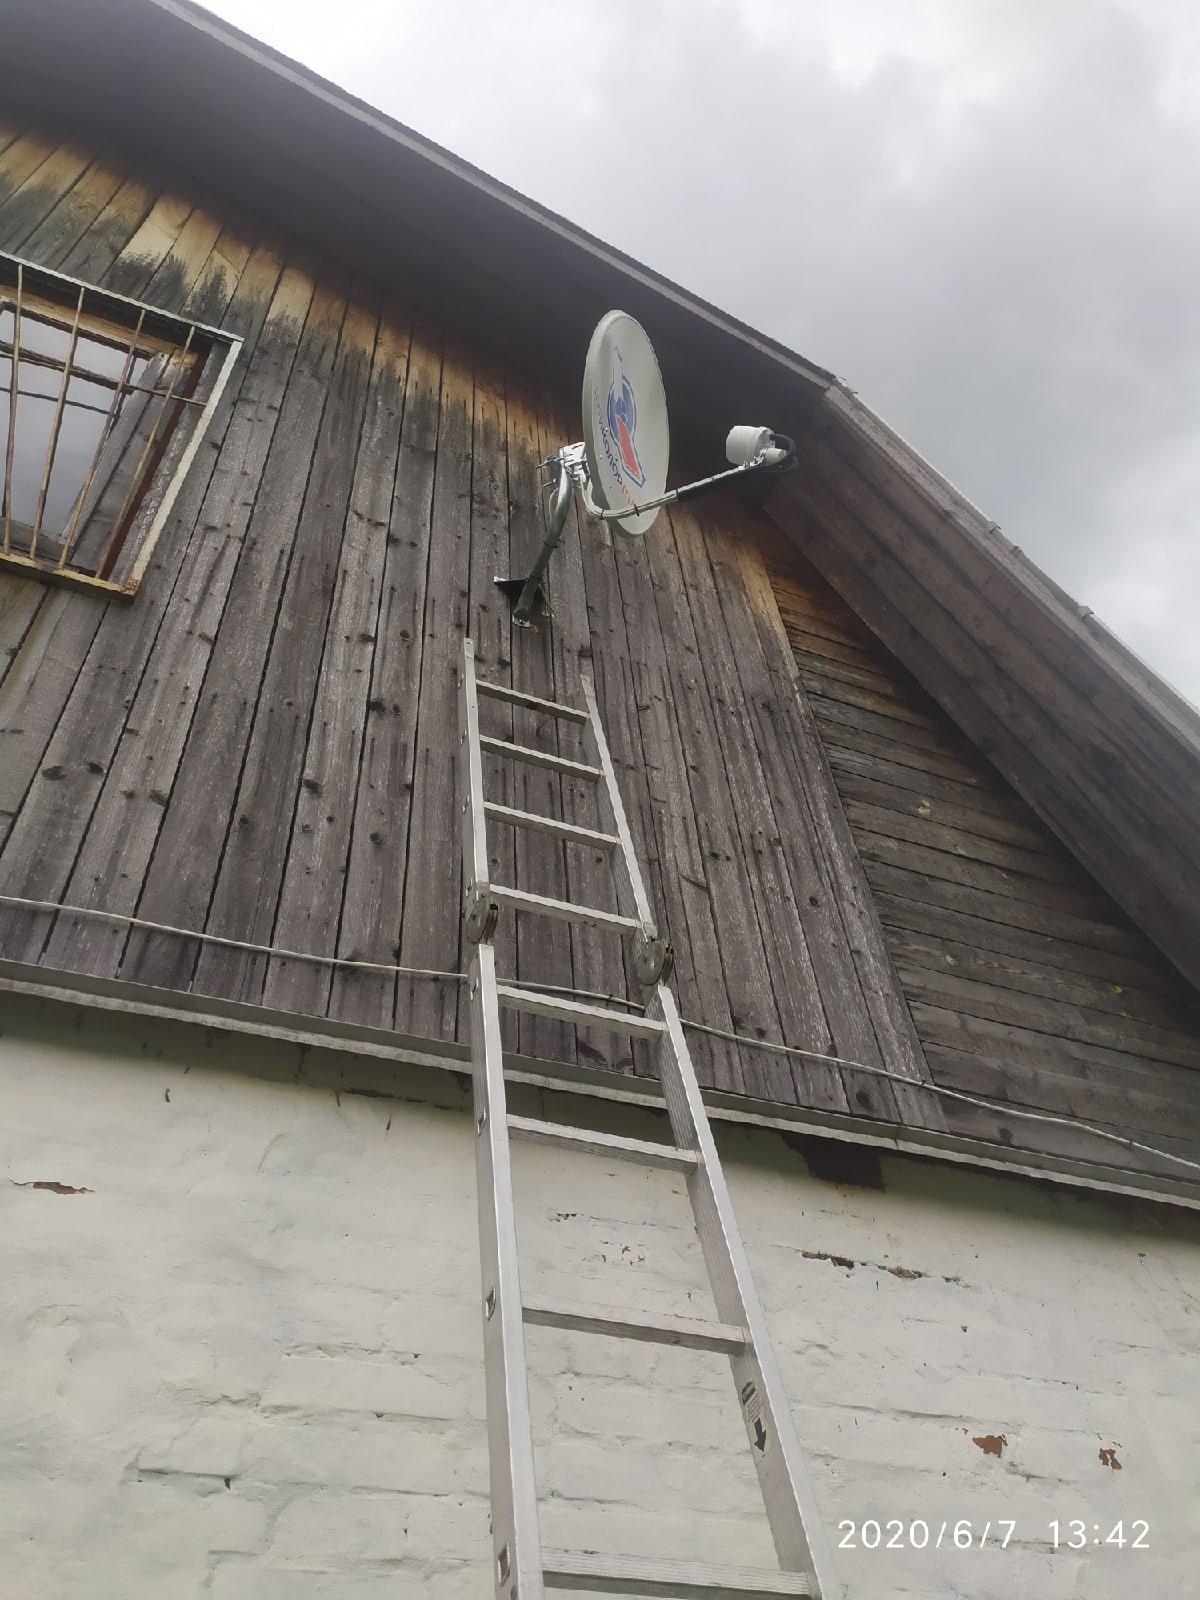 Тульская область, деревня Алексеевка! Подключение к беспроводному интернету!